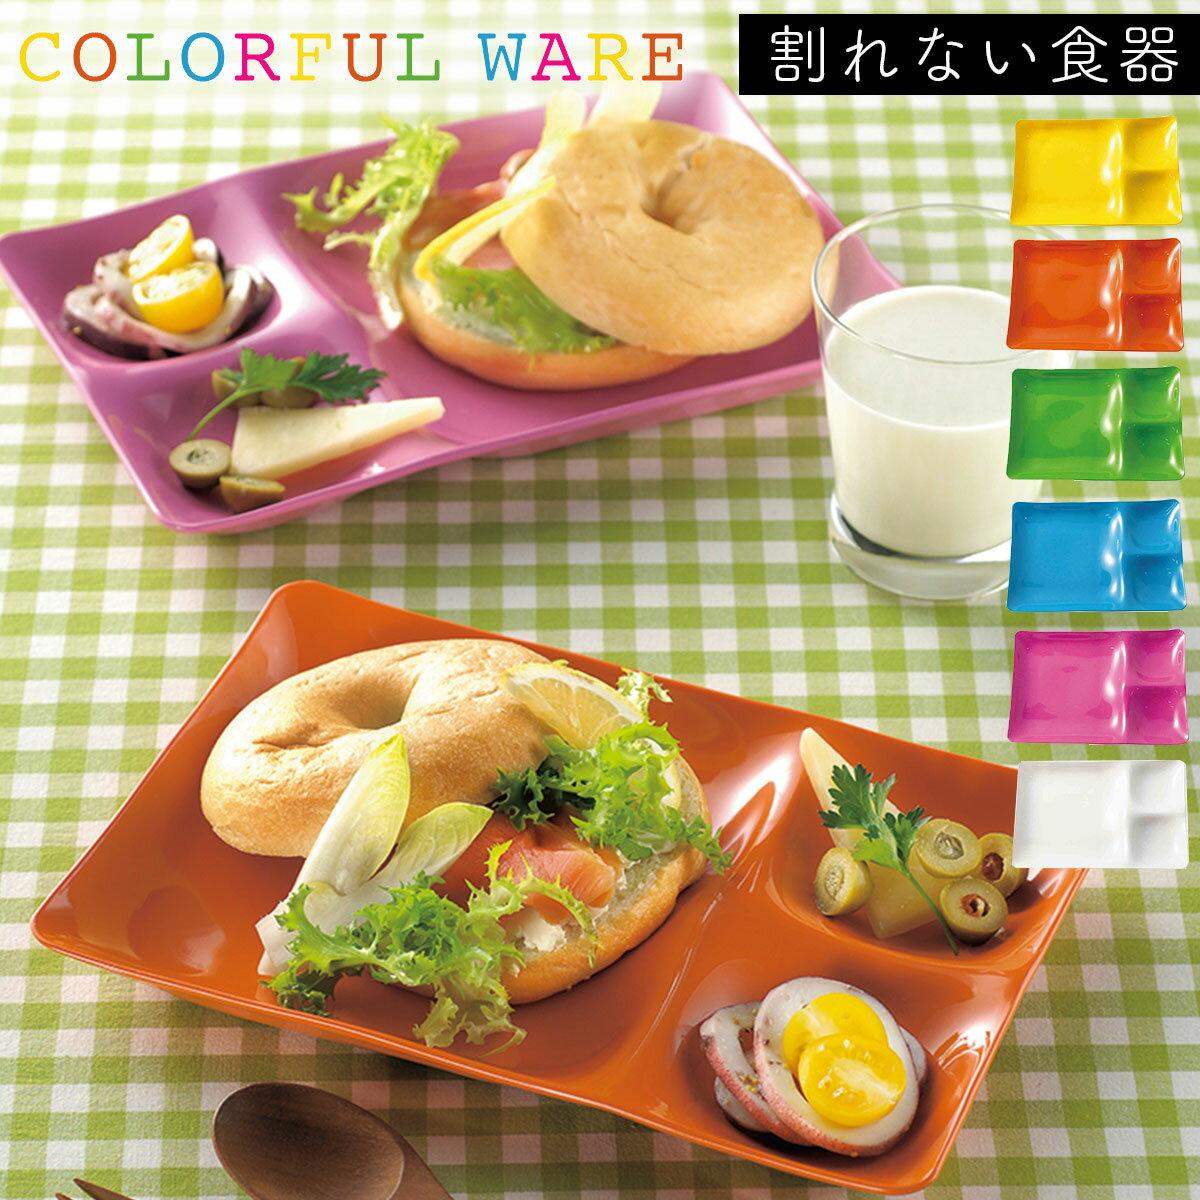 ランチプレート 皿 軽い プラスチック パーティ 仕切り 四角 日本製 電子レンジ対応 食洗機対応 食洗器対応 Party Plate ツーワンプレート